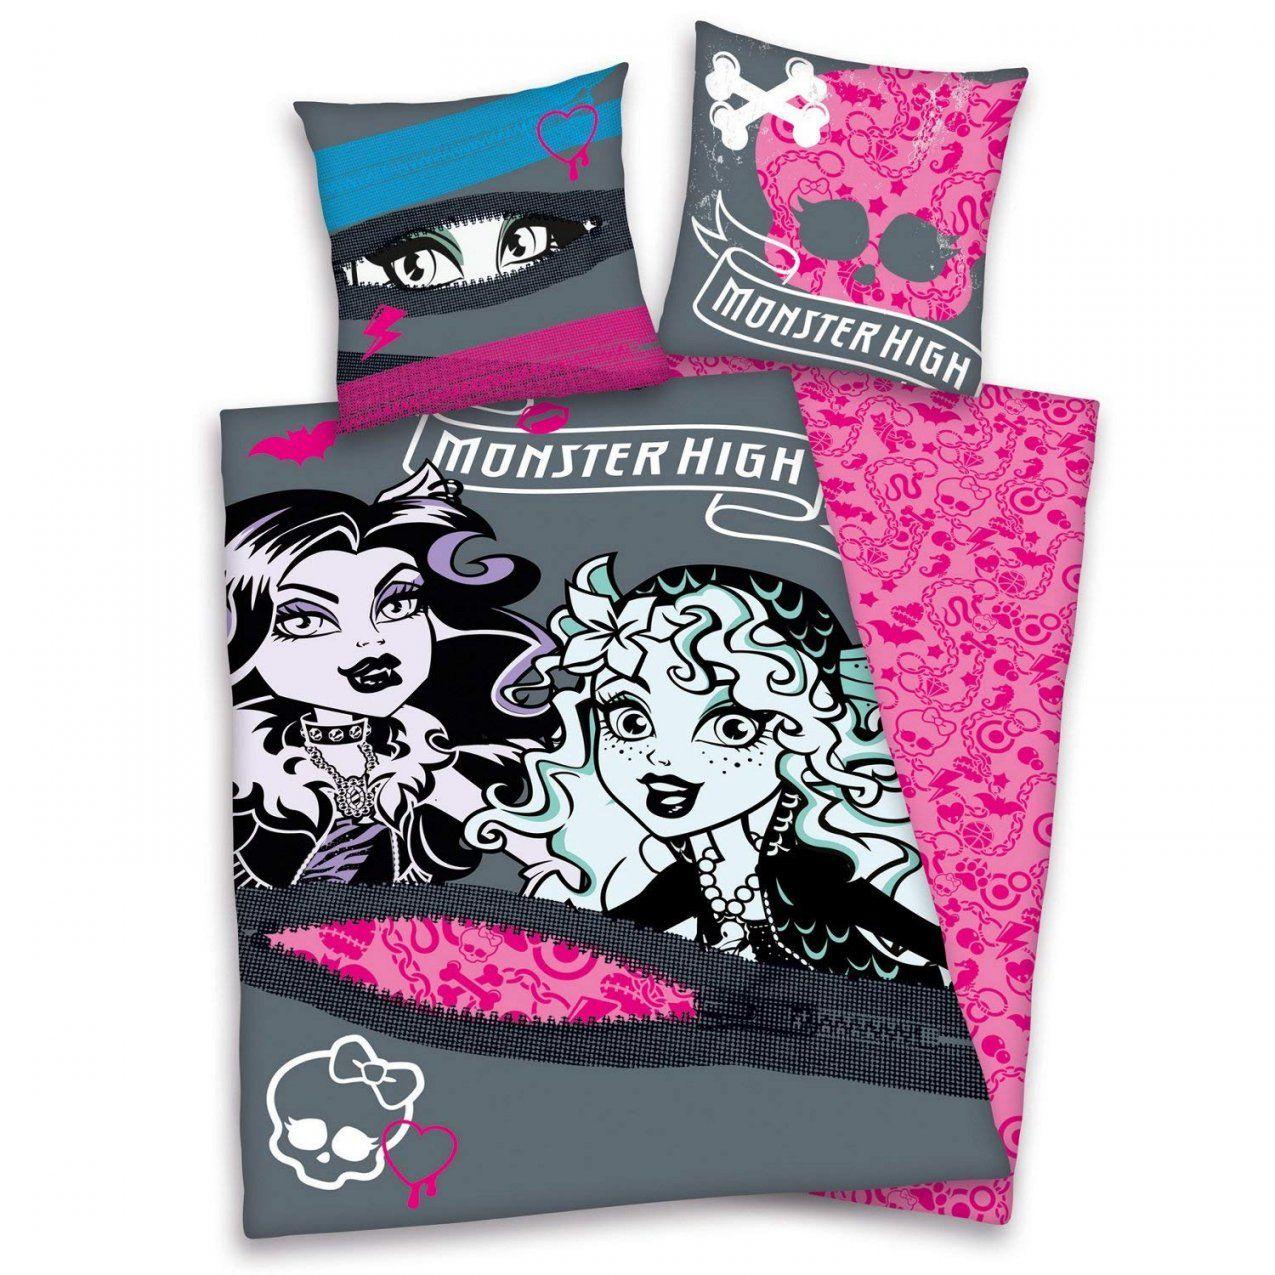 Furniture  Wonderful Victoria Secret Bedding Cheap Luxury von Monster High Bettwäsche Biber Bild